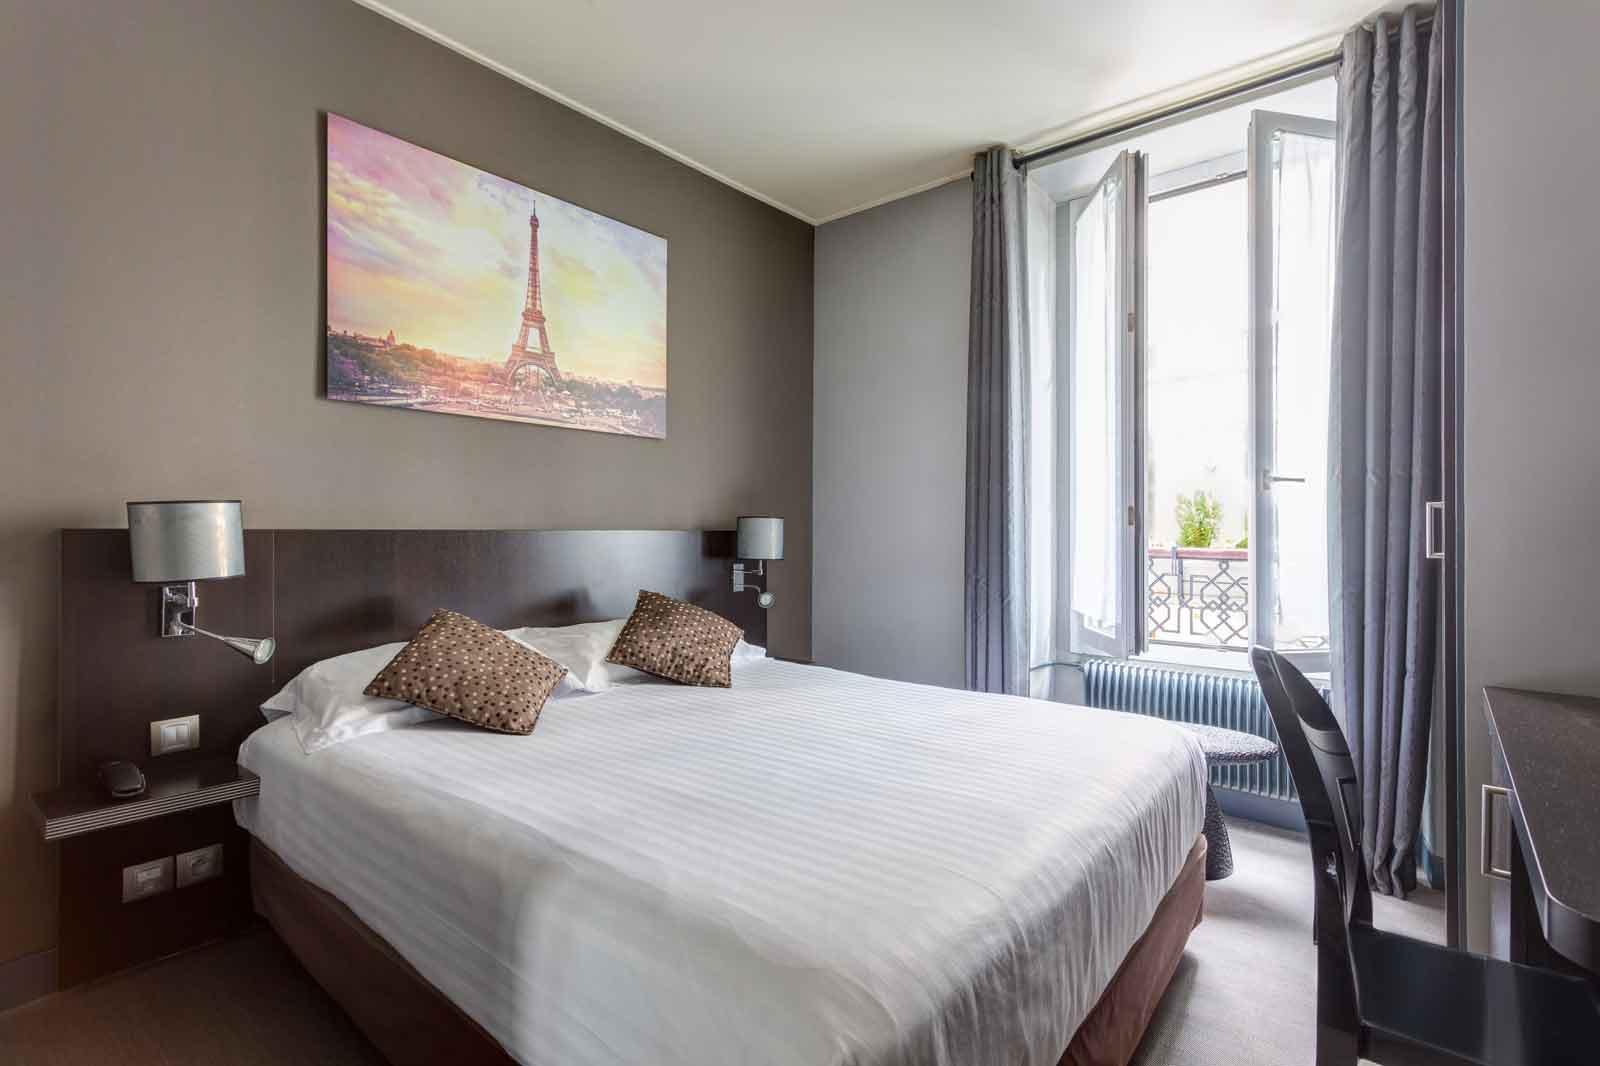 Chambre double hotel jardin de villiers paris 17 for Reserver une chambre hotel